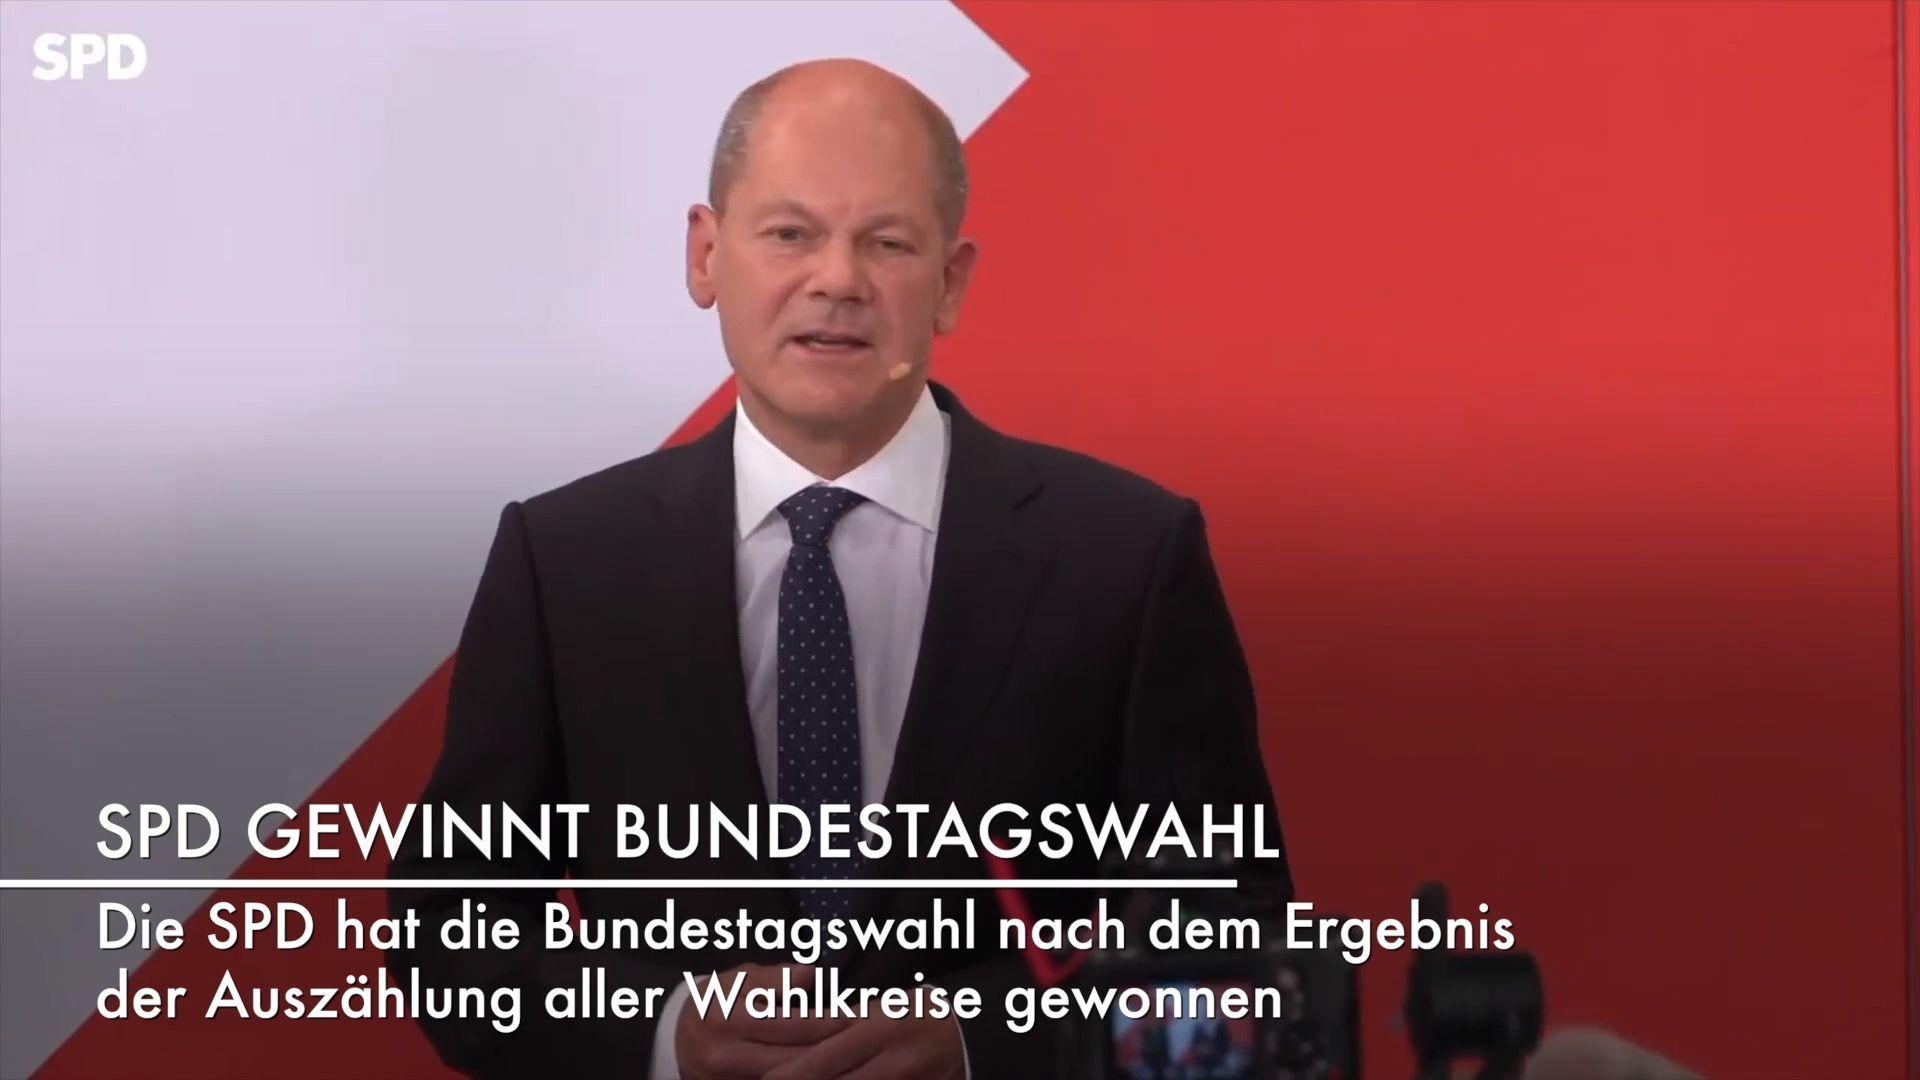 Vorläufiges Endergebnis: SPD gewinnt Bundestagswahl